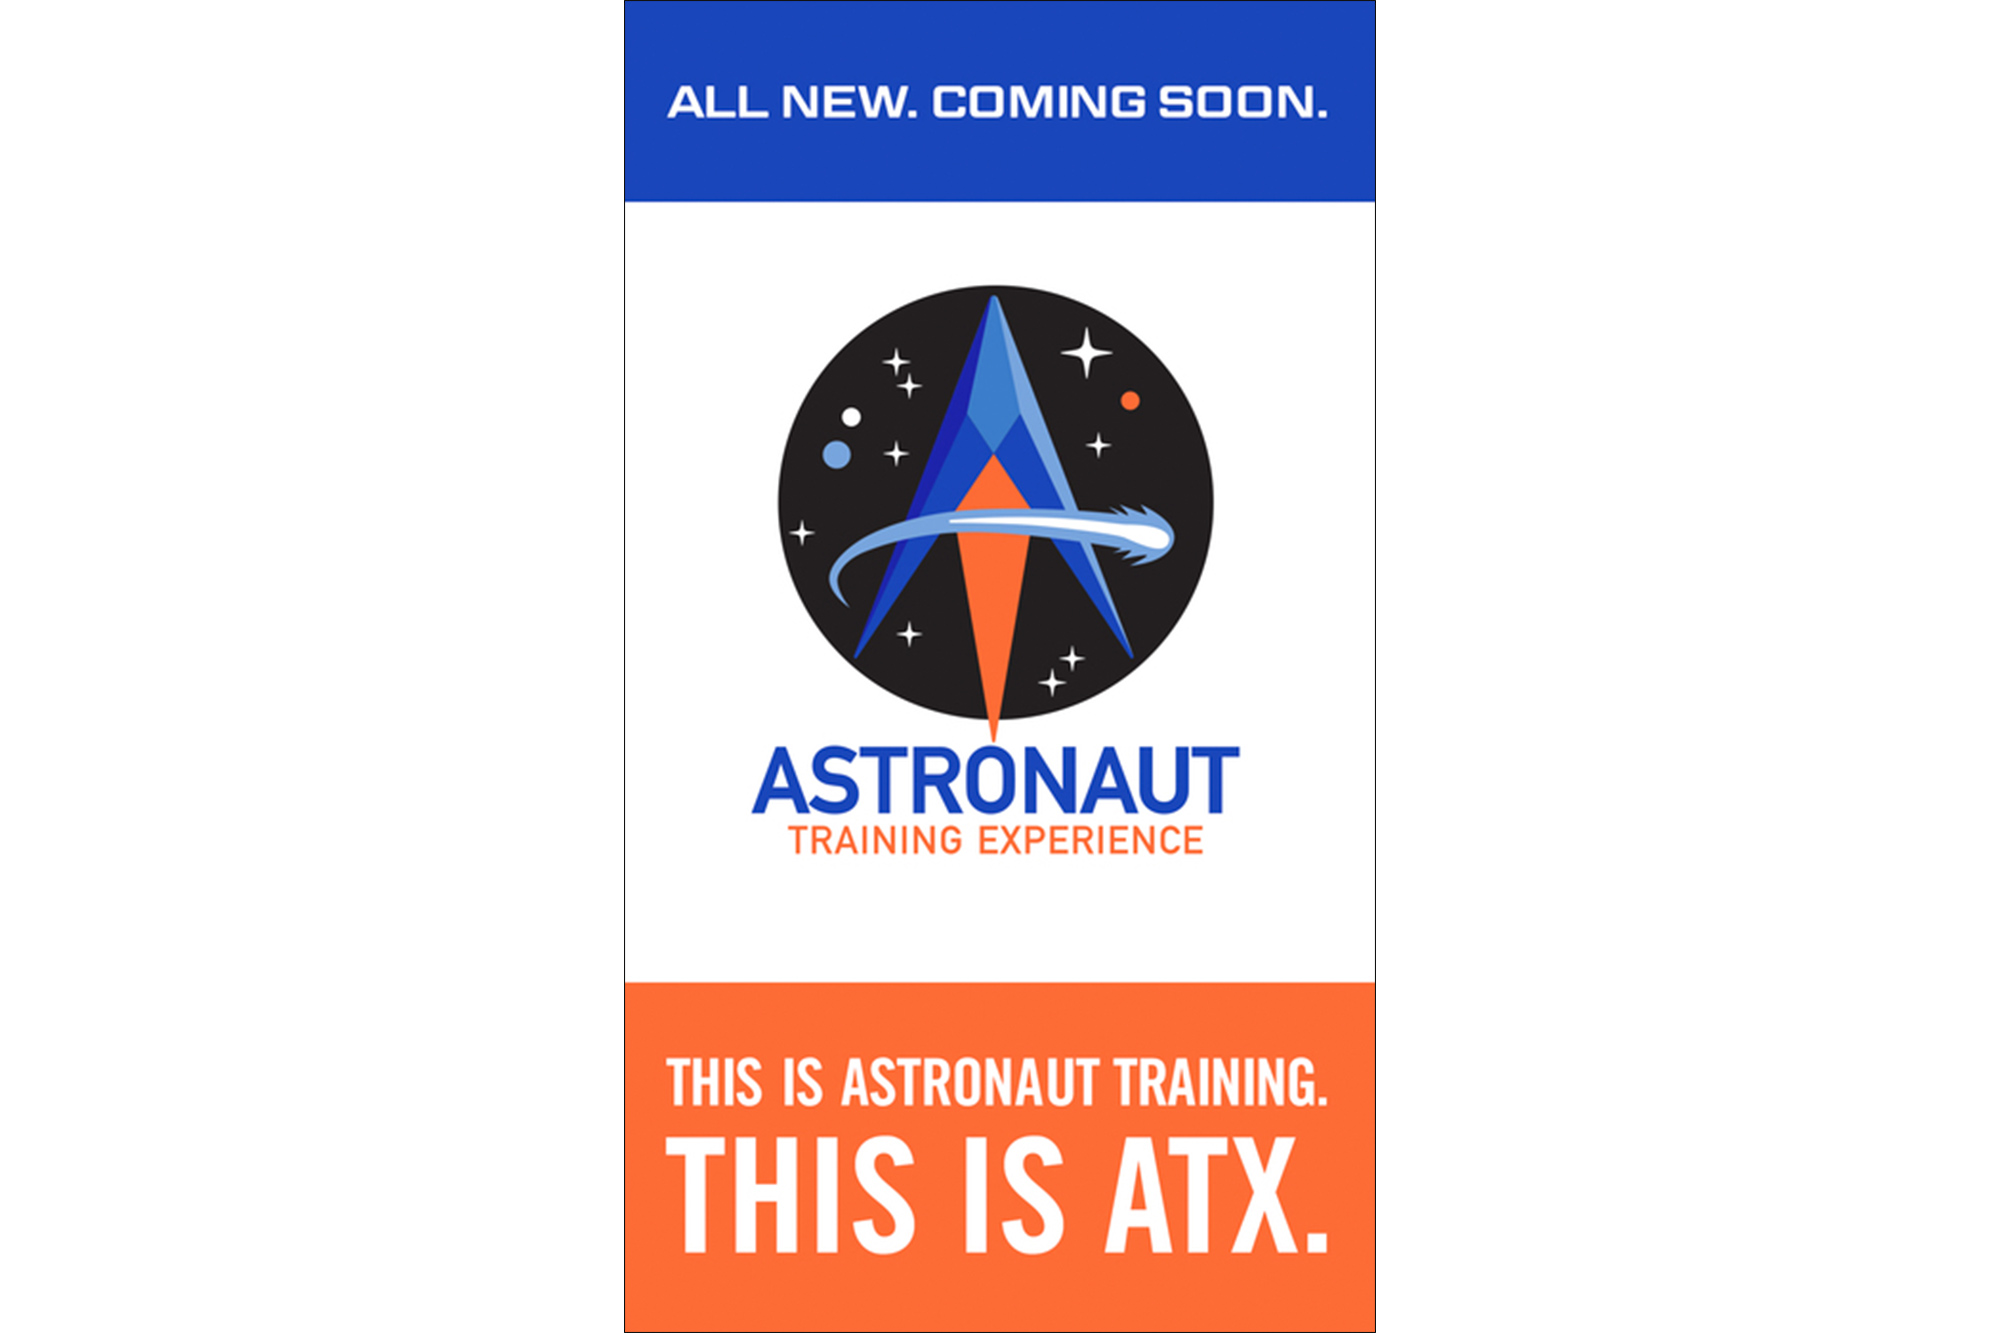 ATX Image.jpg